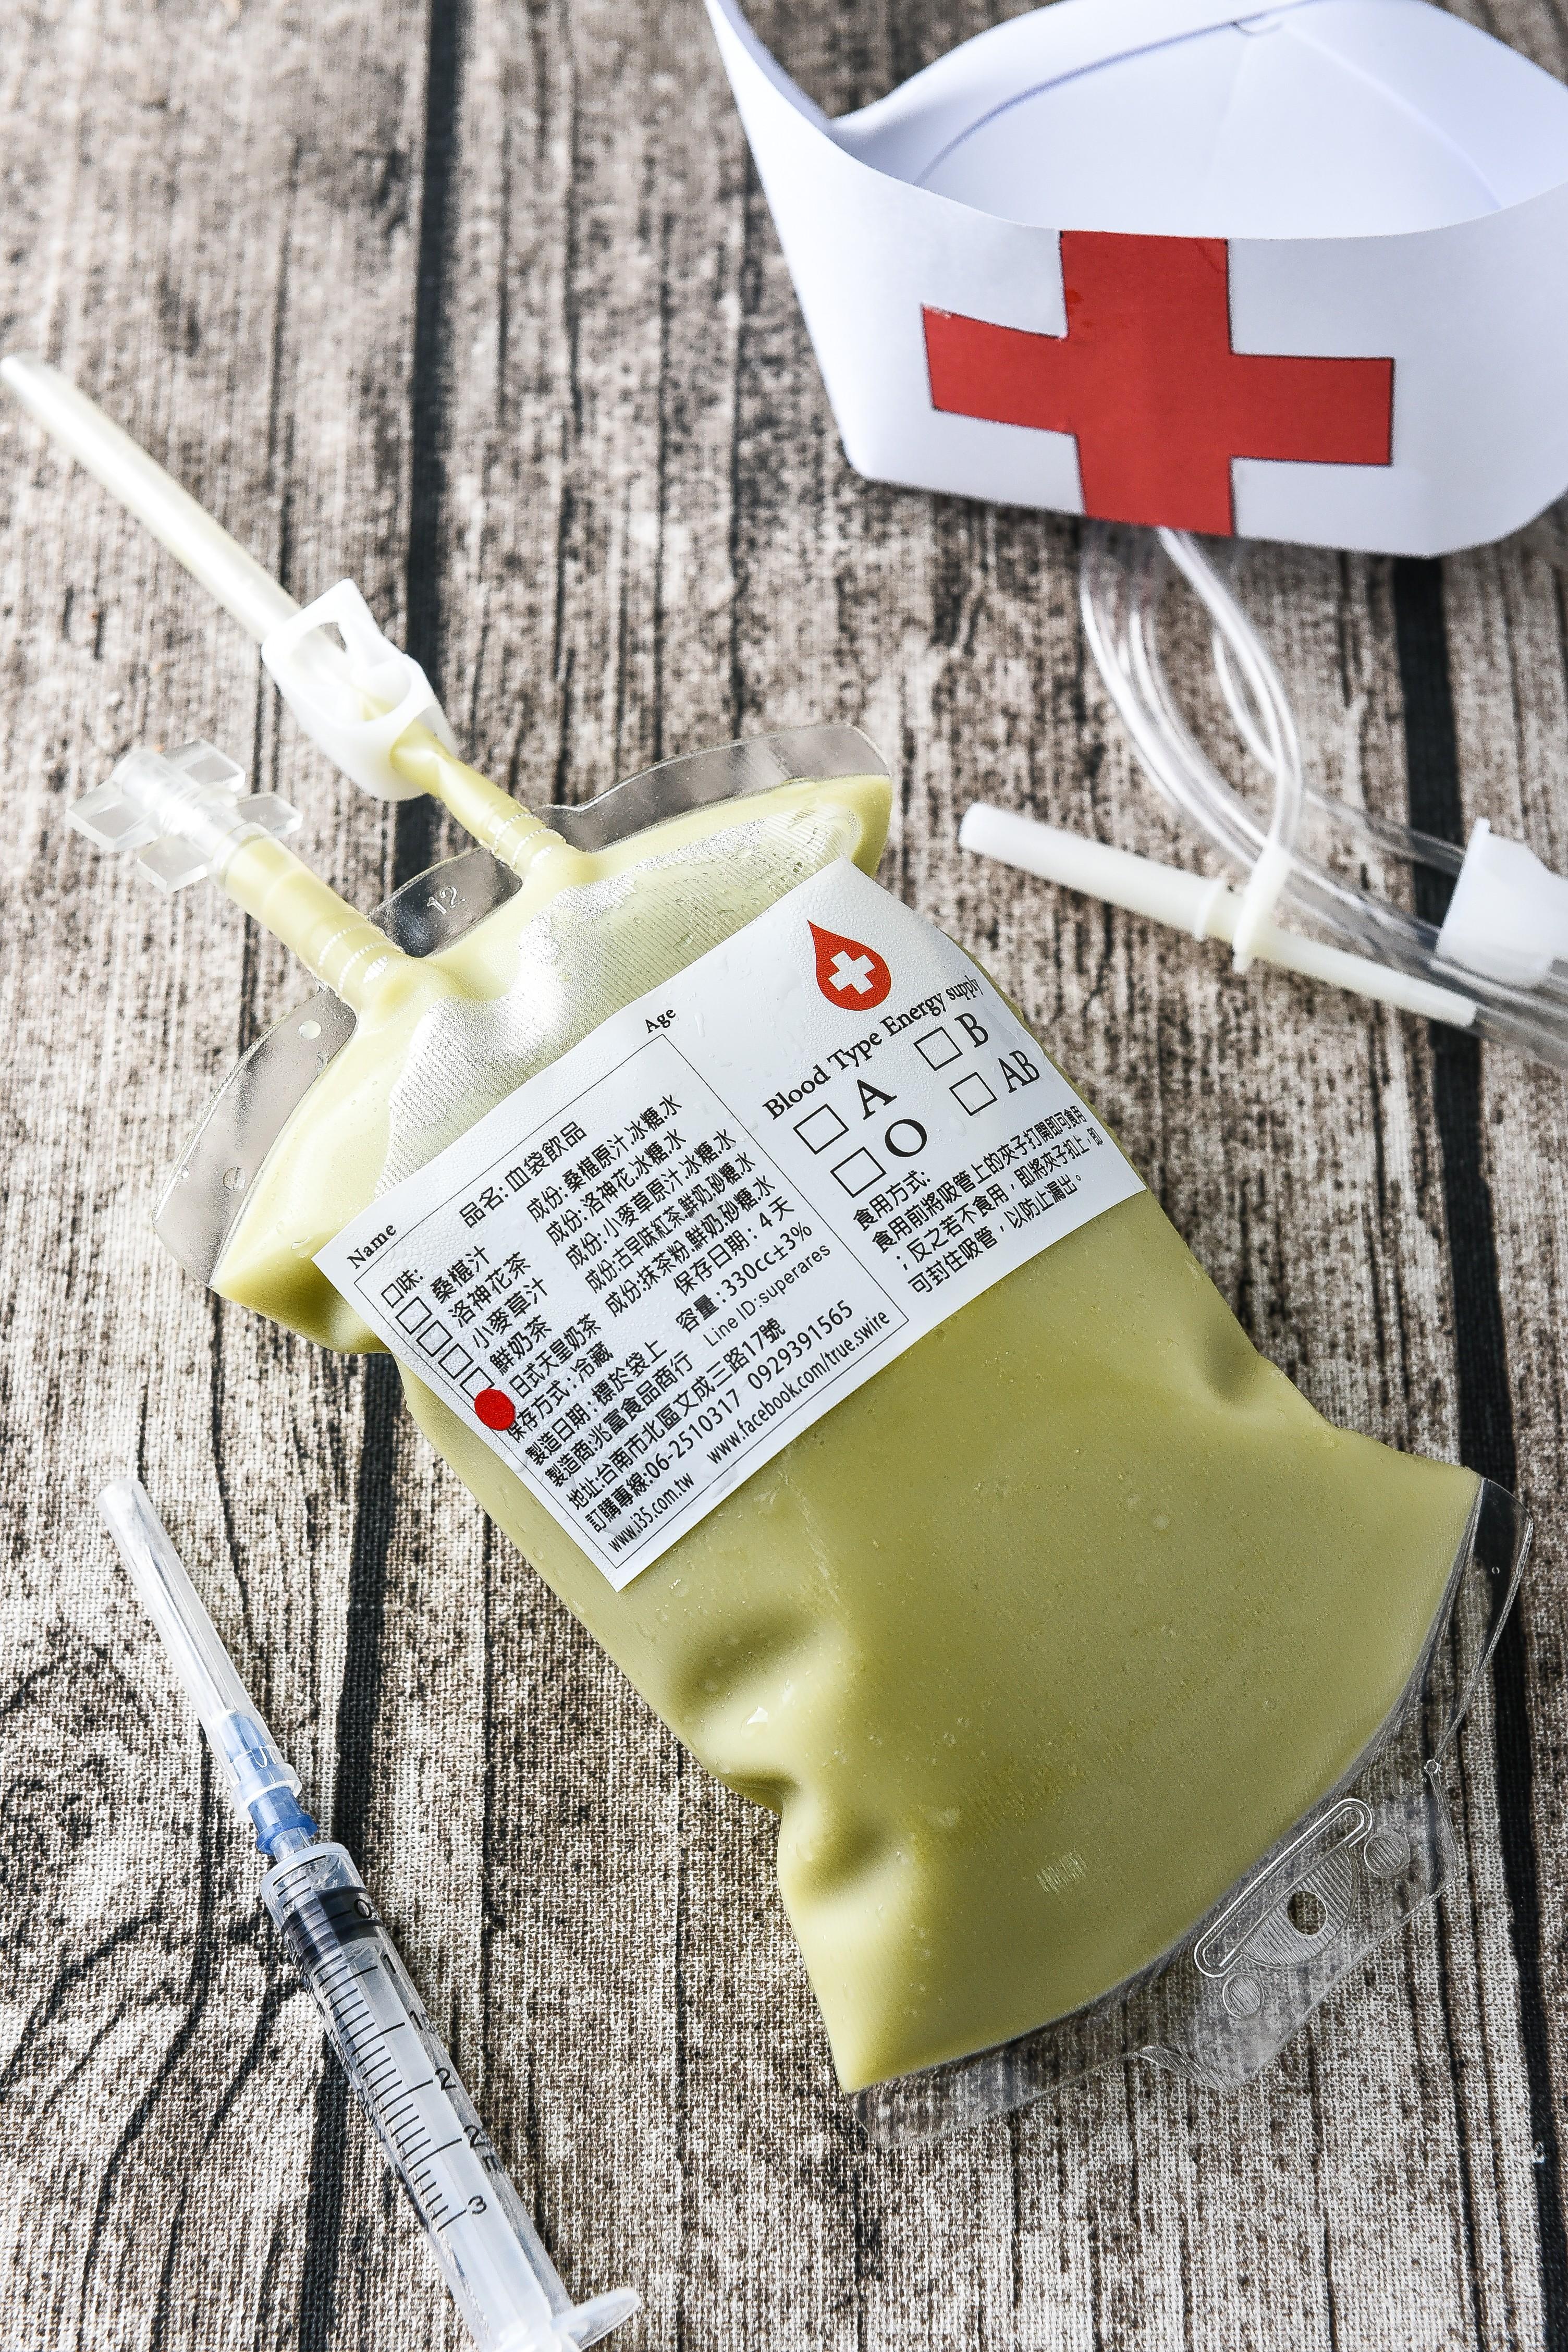 血袋飲品-日式天皇奶茶(330cc)